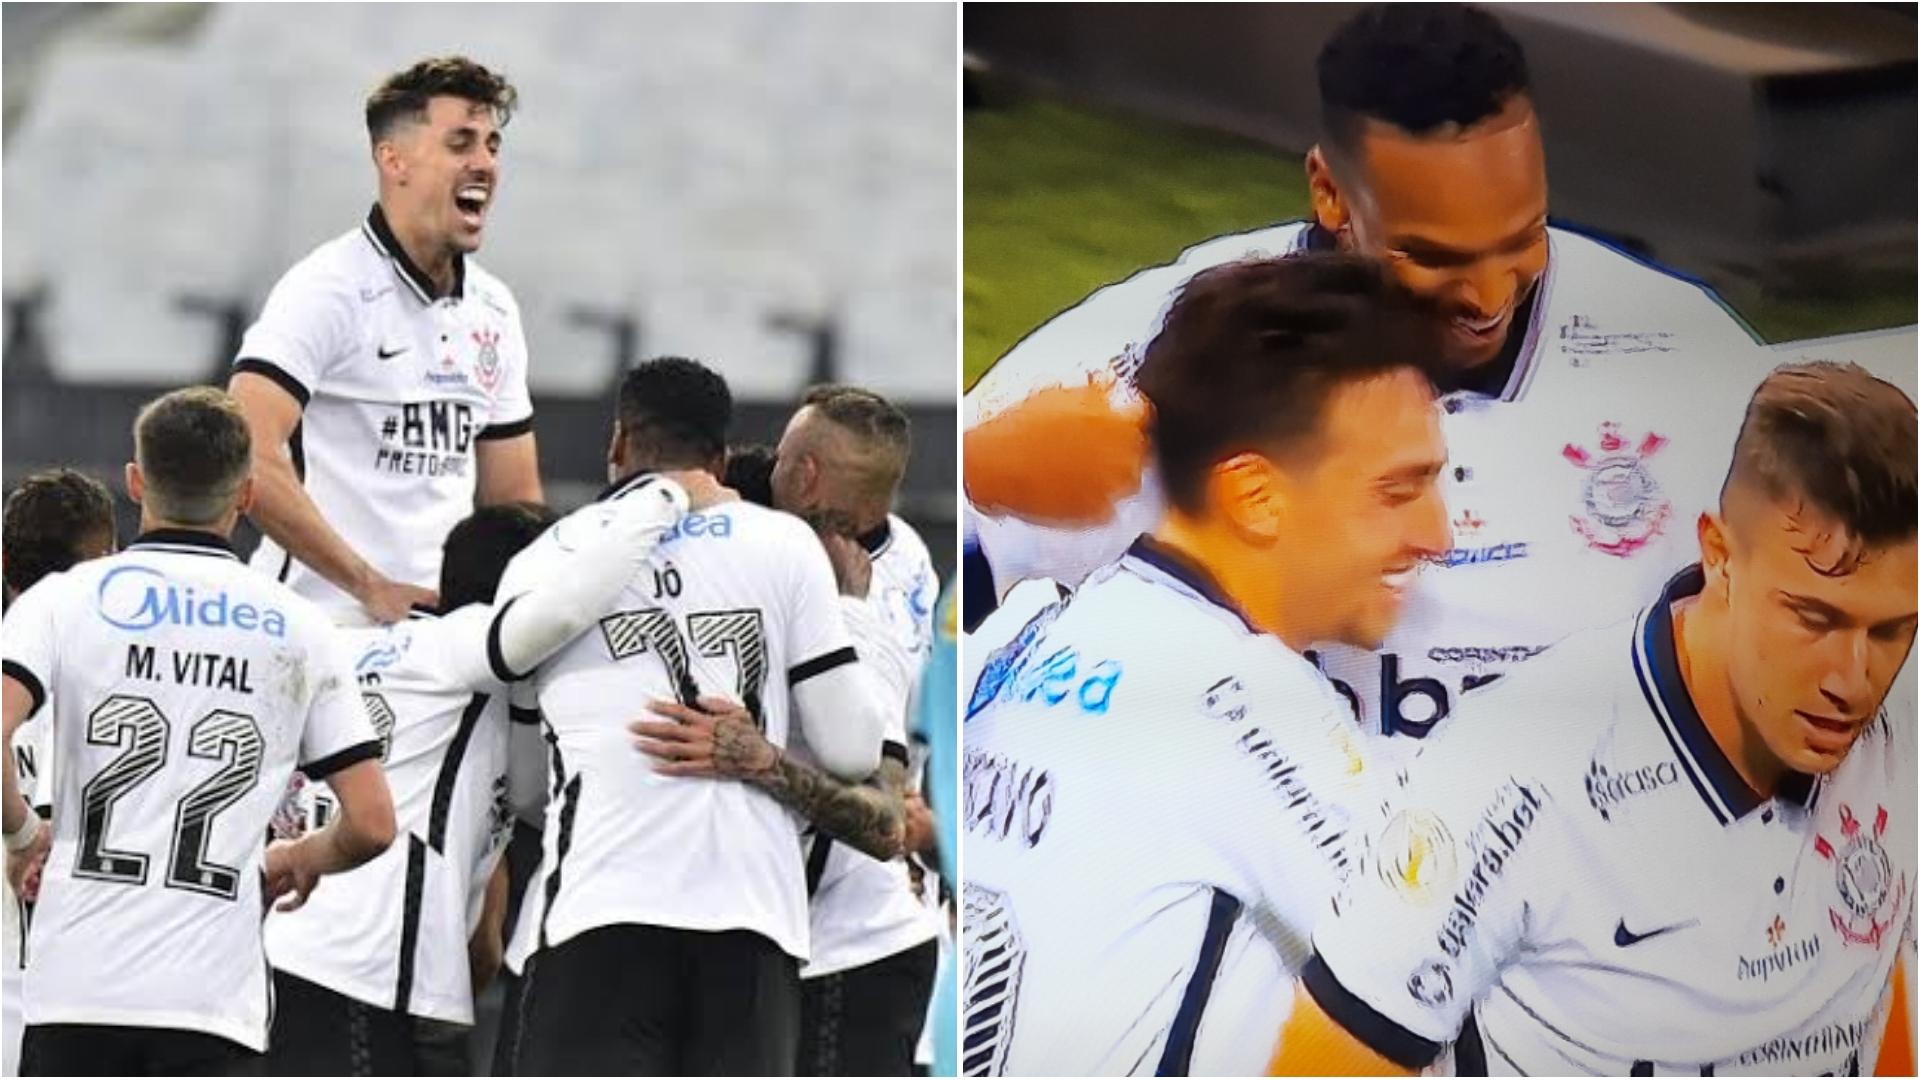 UFA!!! Corinthians faz 3 no Coritiba e vence a primeira no Brasileirão